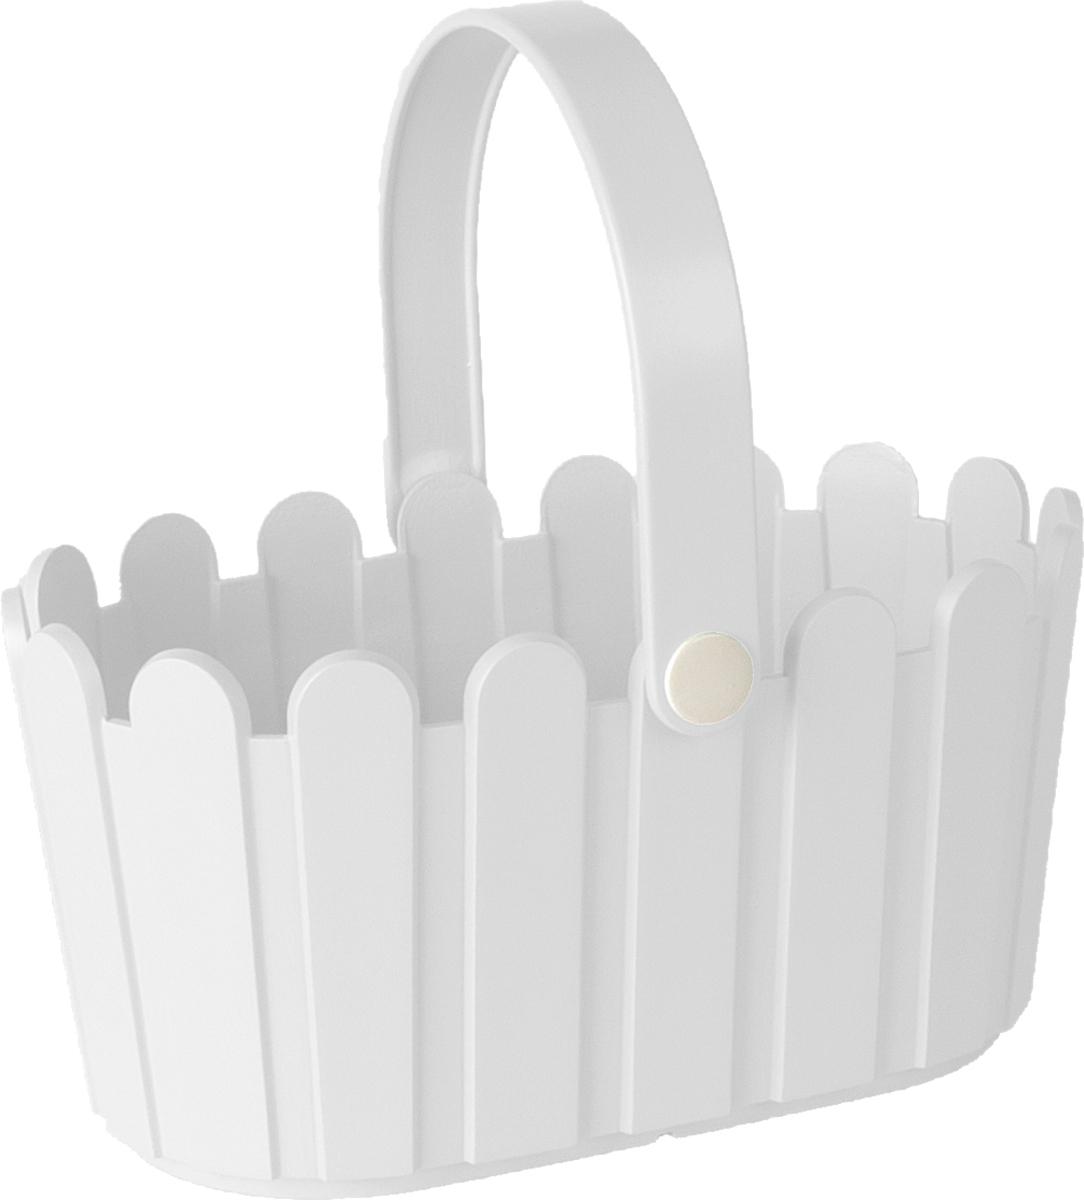 Кашпо Emsa Landhaus Basket, цвет: белый, 28 х 18 см ящик балконный emsa landhaus цвет темно зеленый 50 х 20 х 16 см